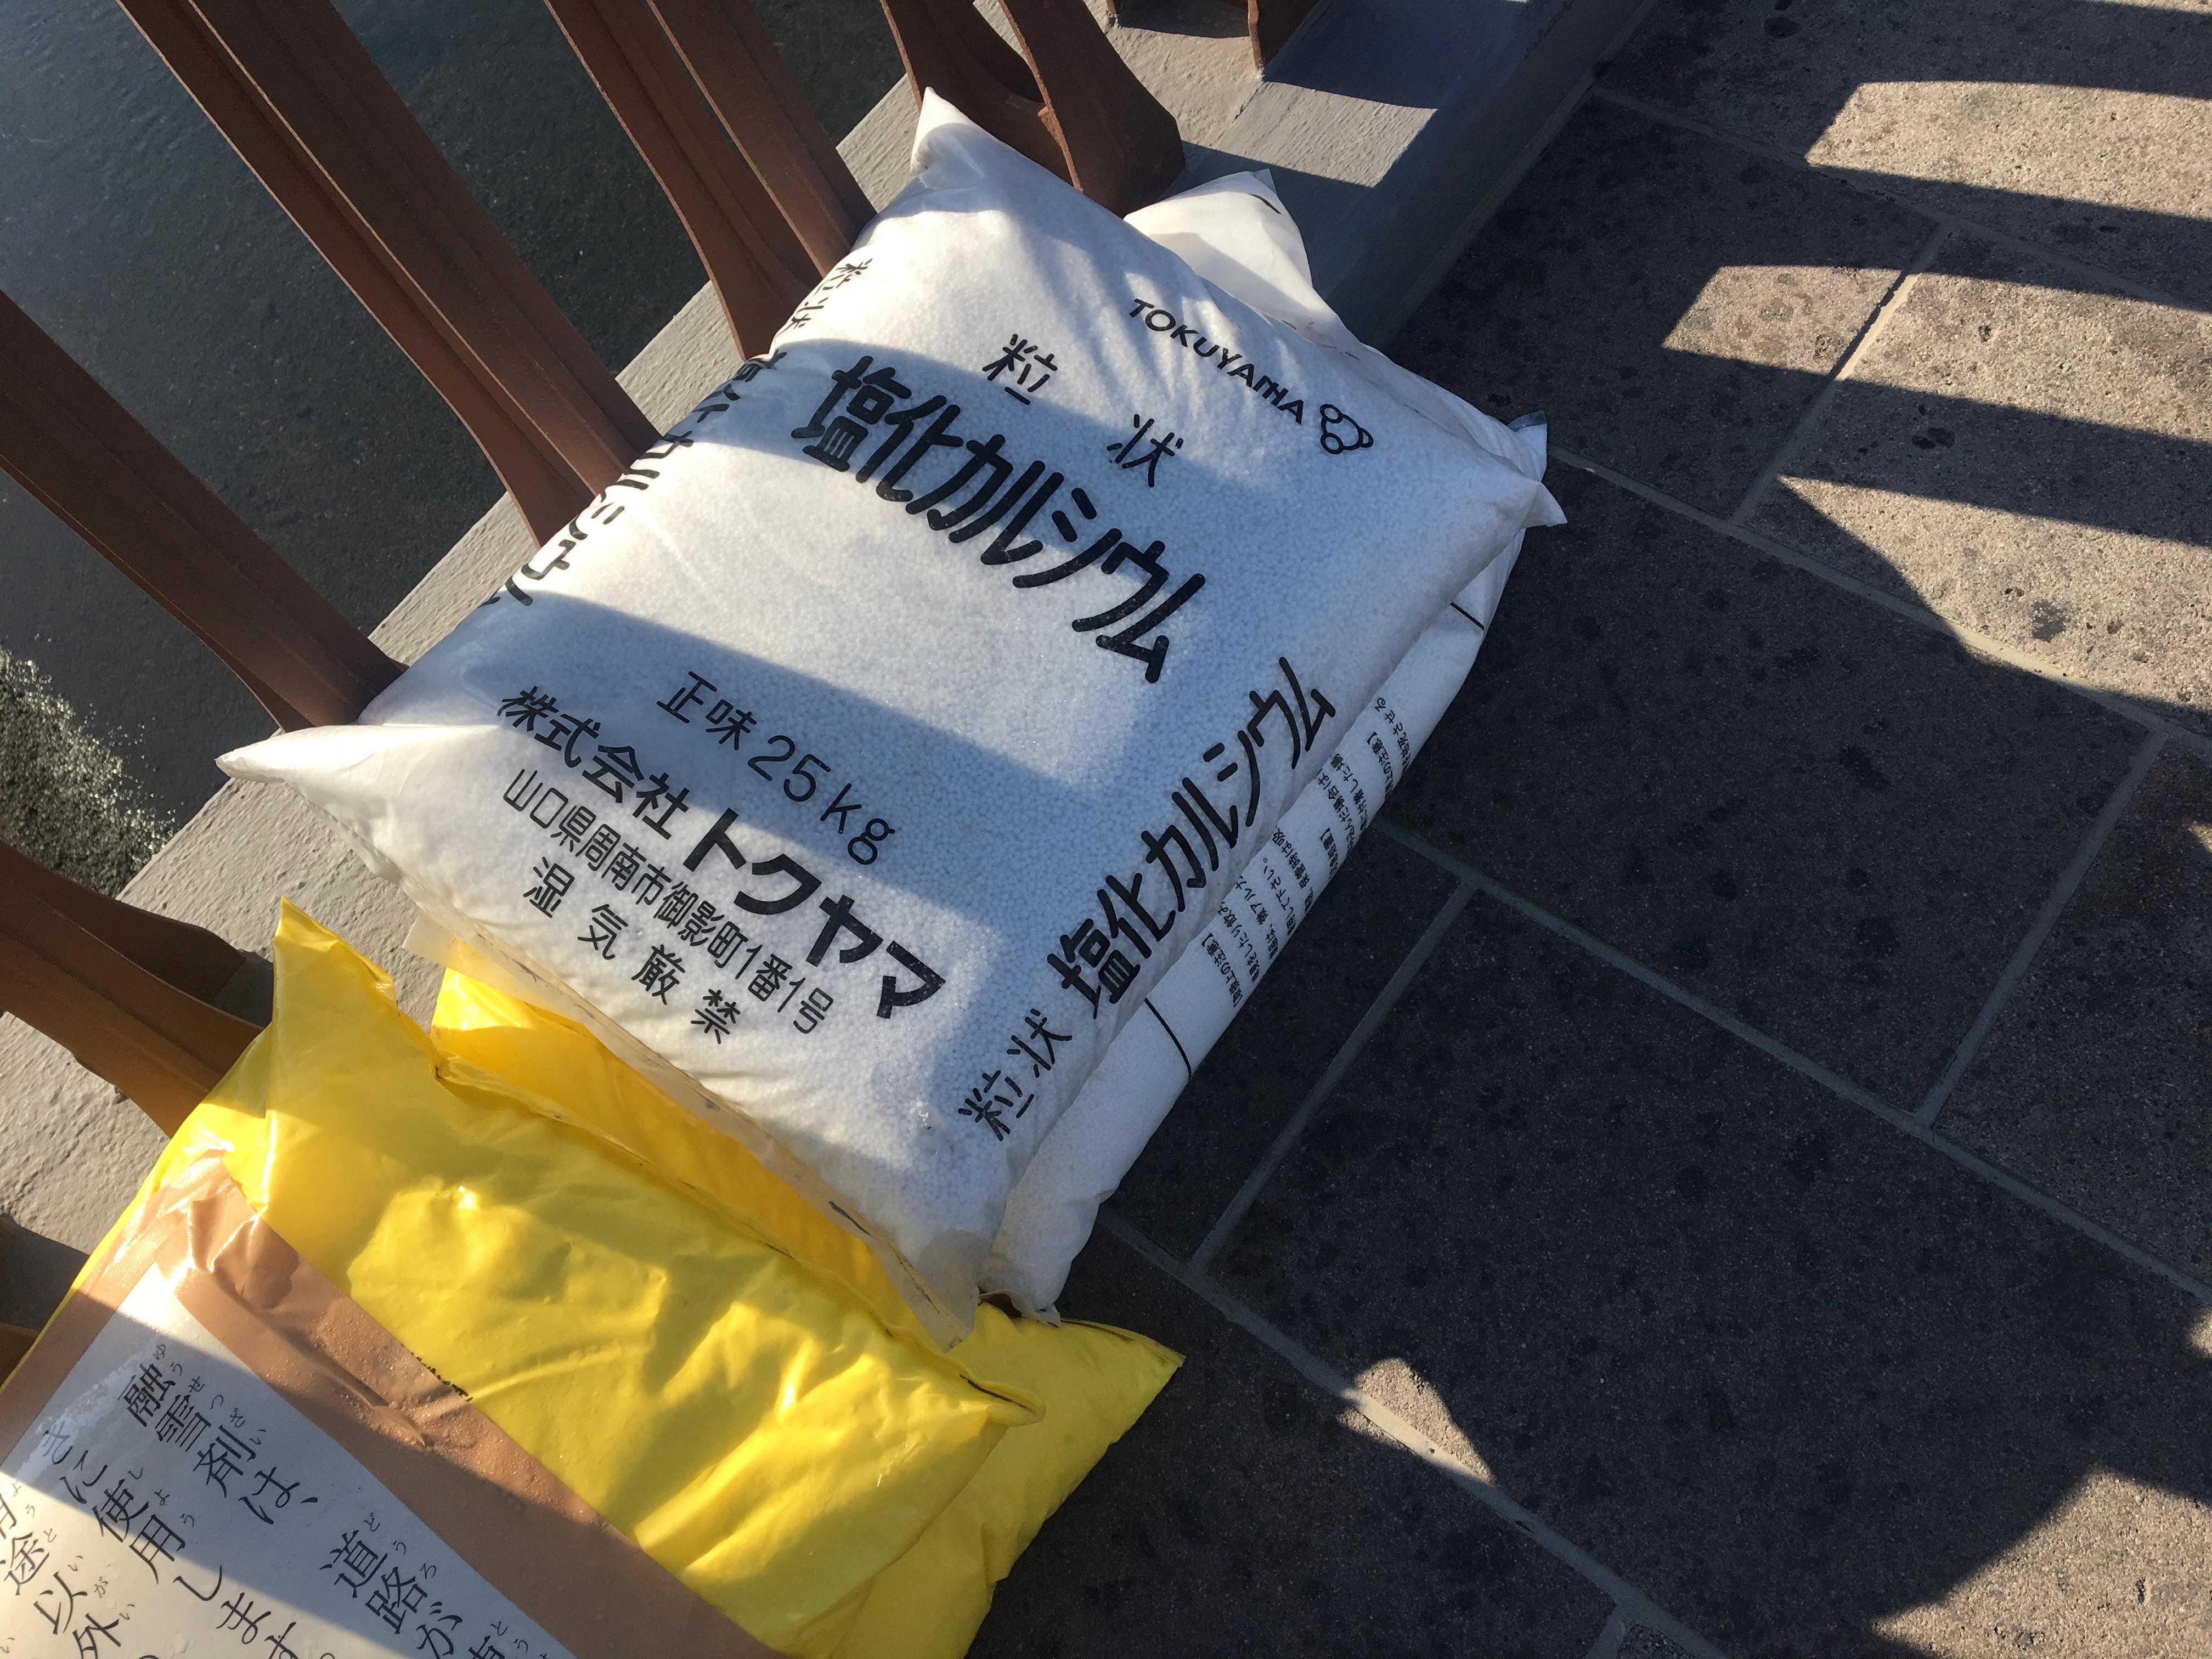 【鹿児島の冬は寒い】道路や橋に置かれている「塩化カルシウム」の値段をネットで調べてみた【メルカリ・ヤフオク】